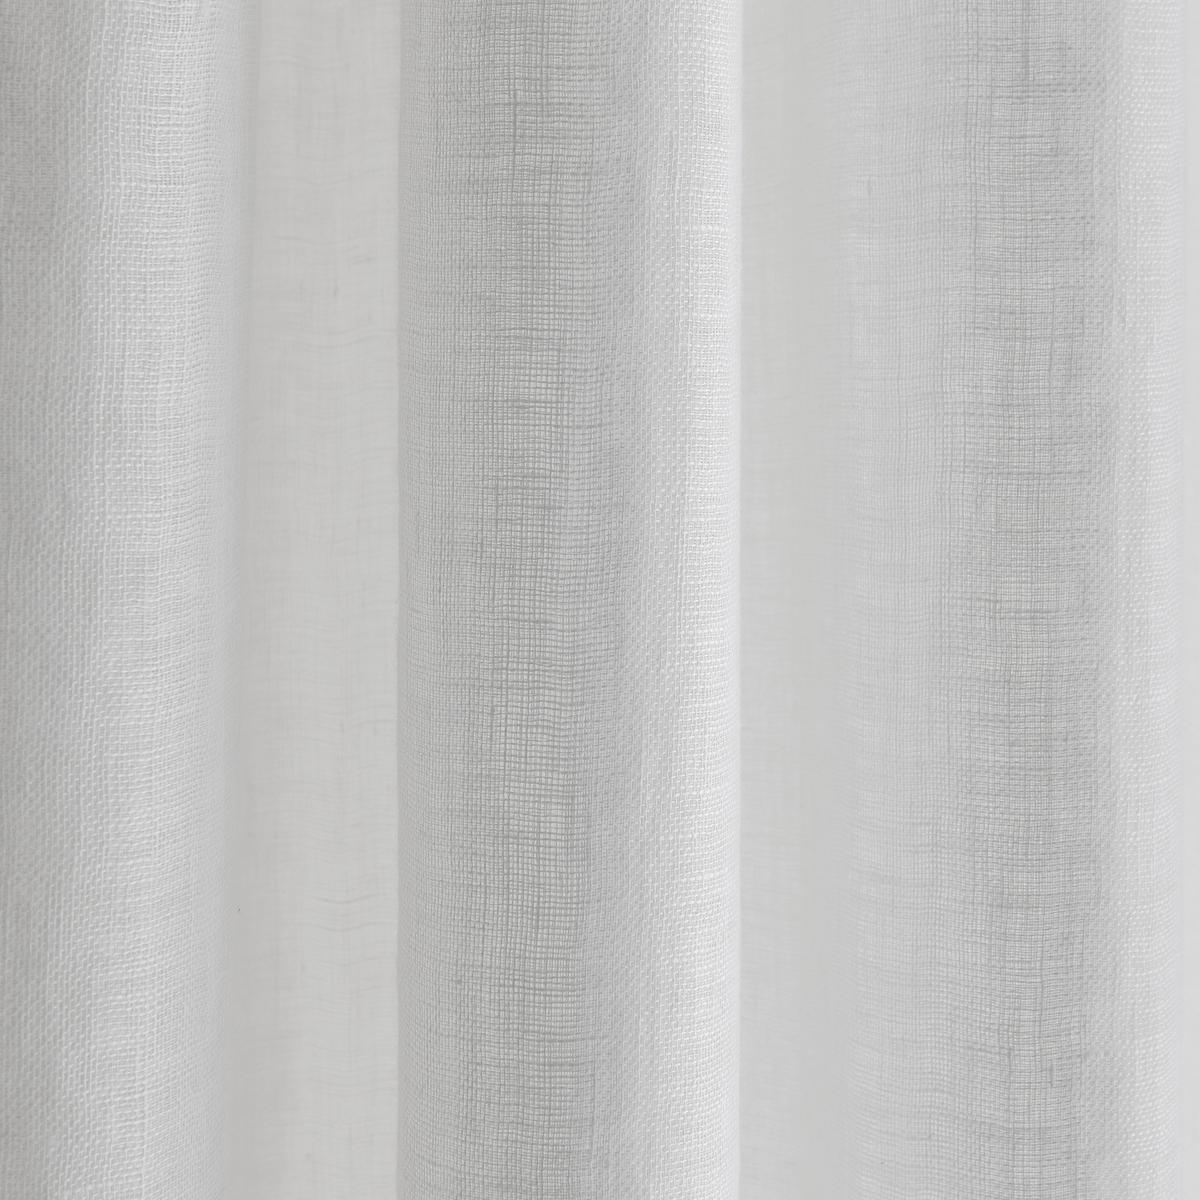 Занавеска, рассеивающая свет, Abuli<br><br>Цвет: белый,светло-серый,серо-бежевый<br>Размер: 140 x 260  см